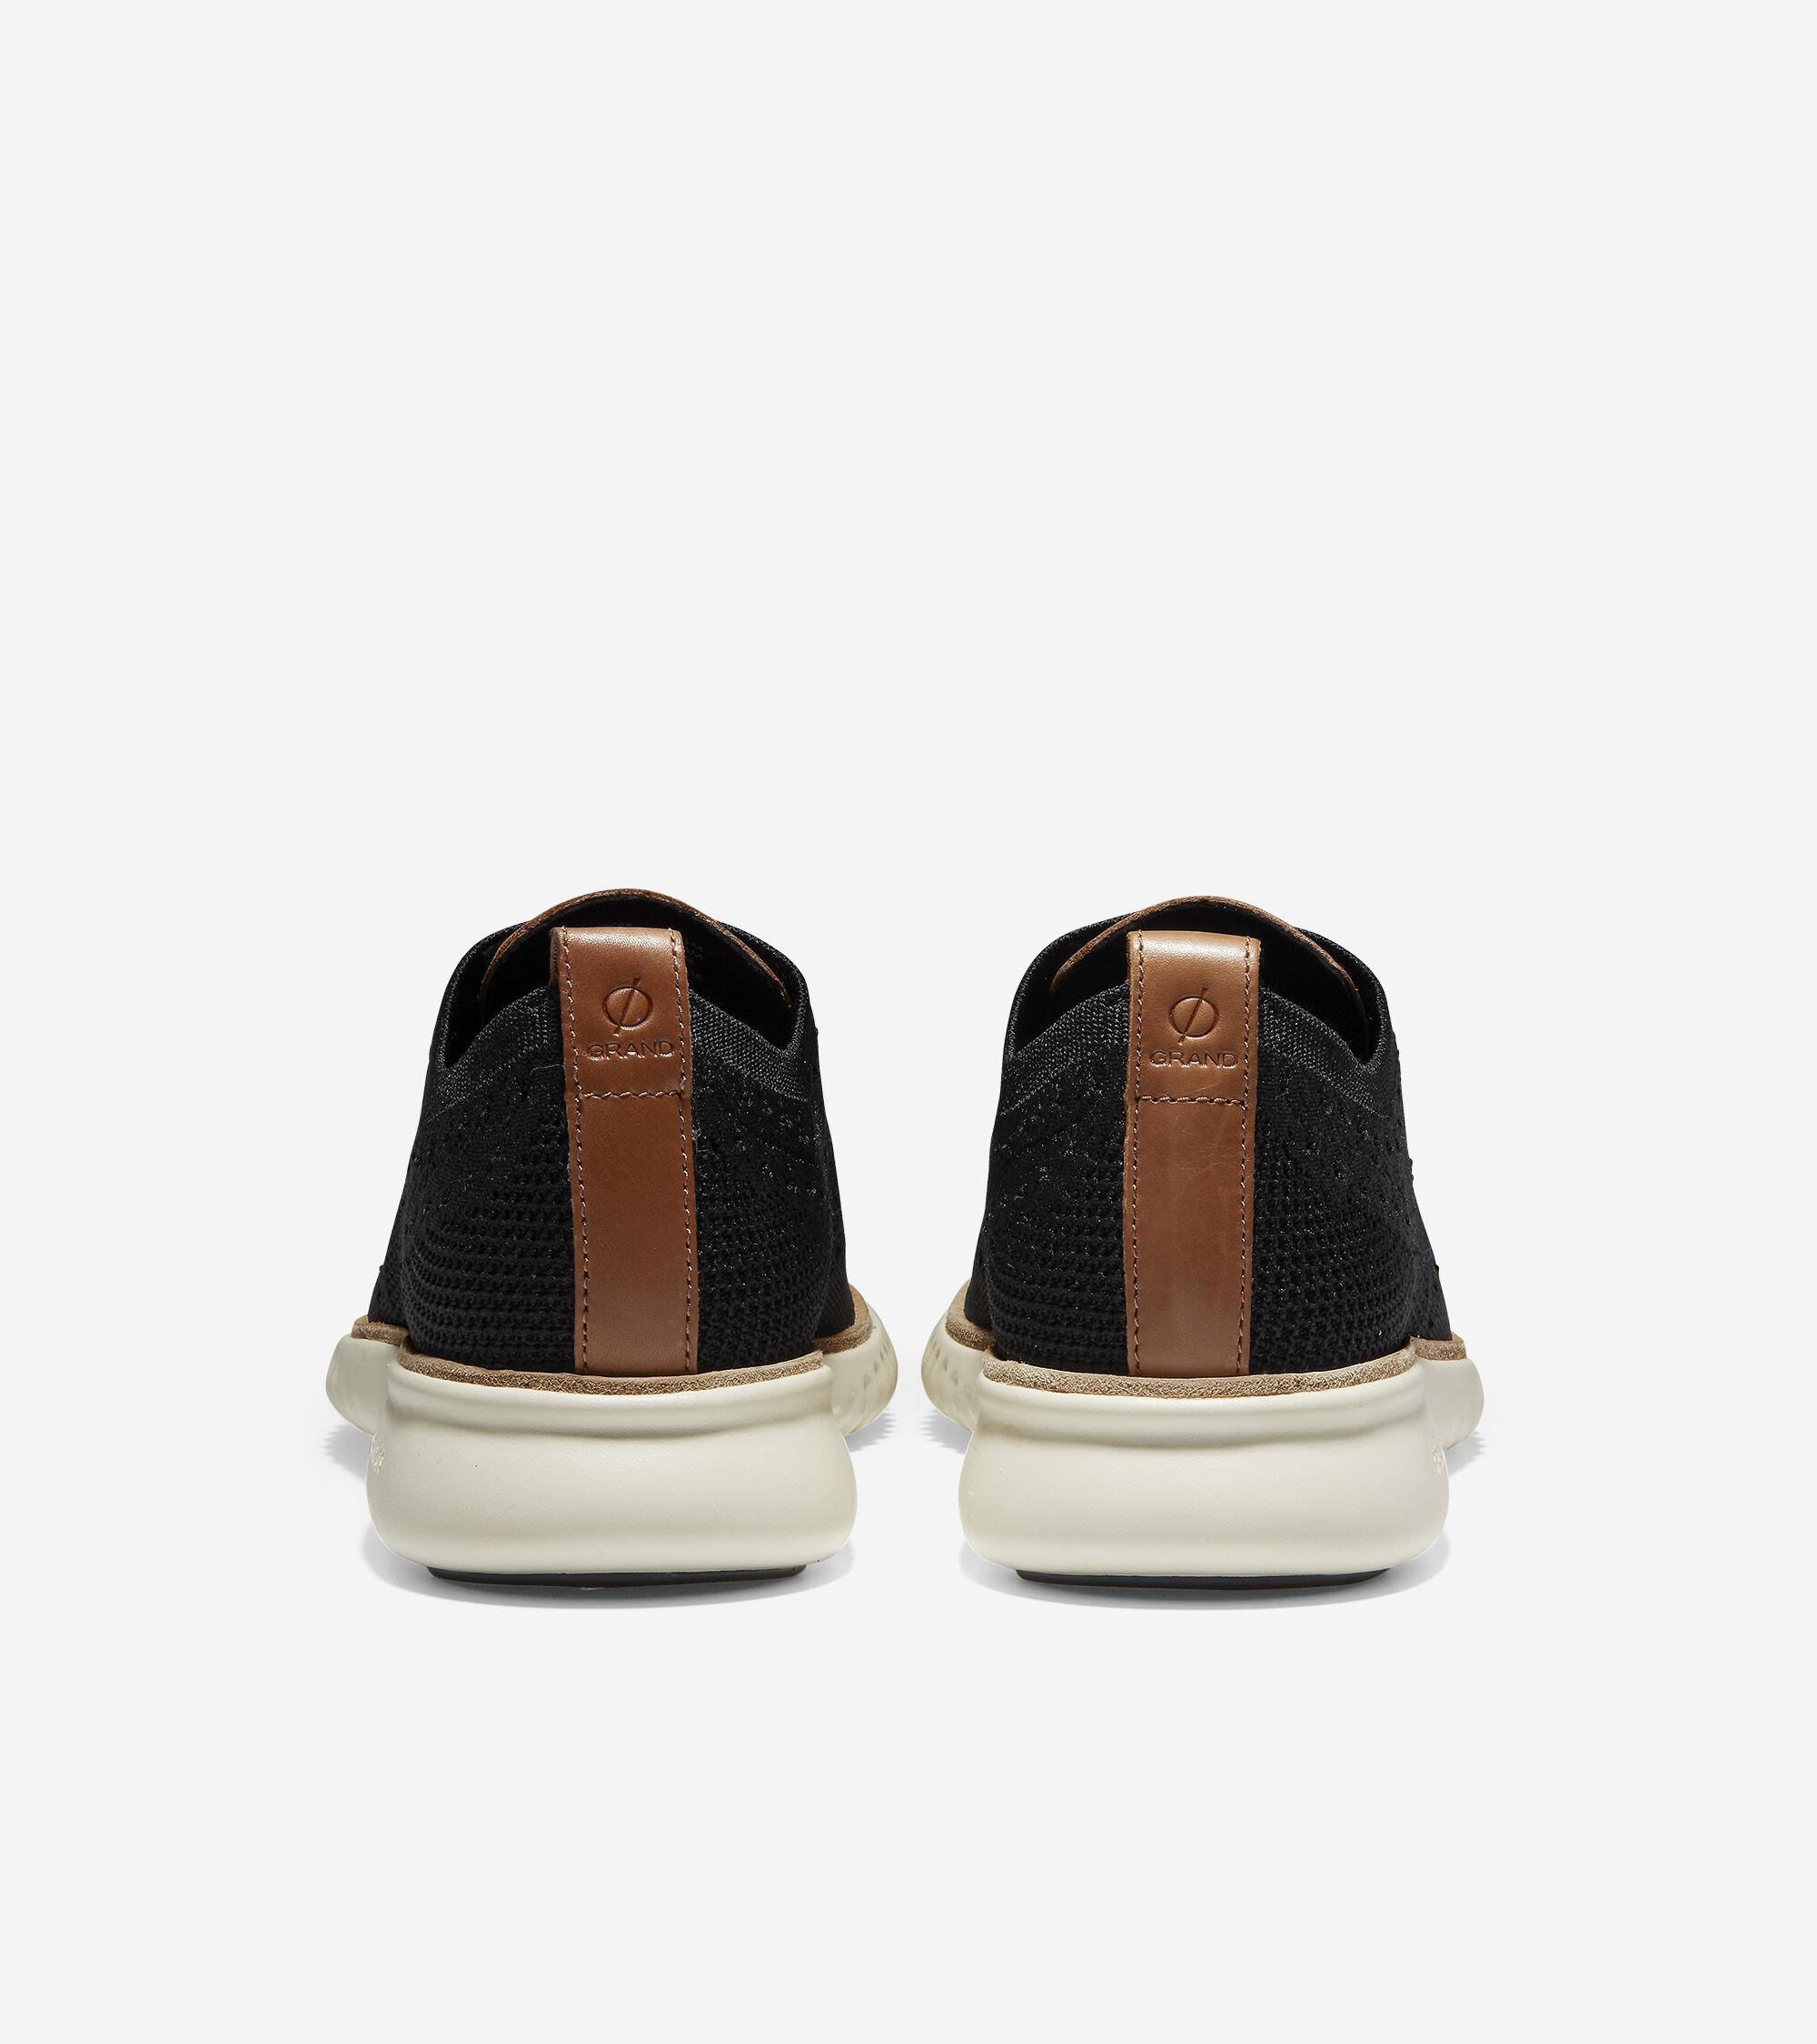 separation shoes d88ca d4e54 ZERØGRAND Oxford with Stitchlite™  Men s 2.ZERØGRAND Oxford with  Stitchlite™ ...